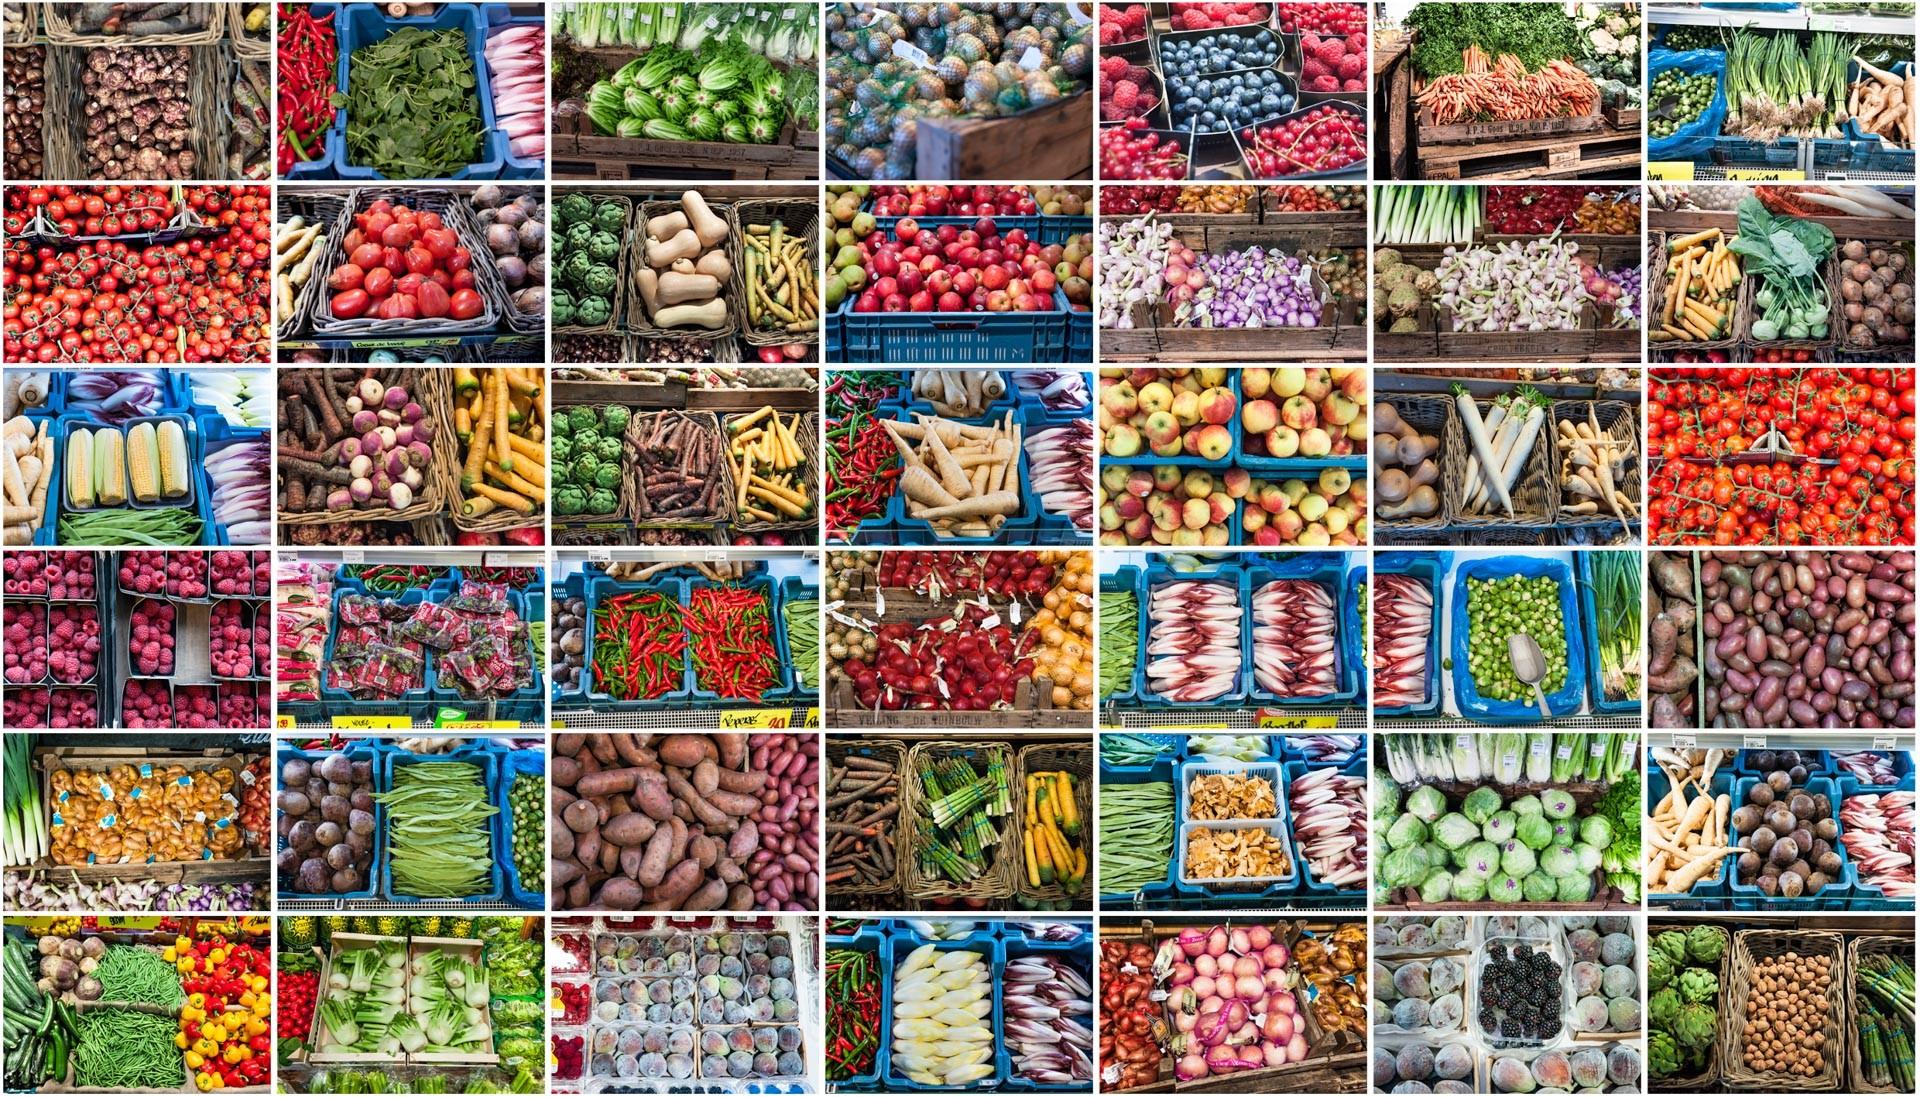 groene groente 7 x 6